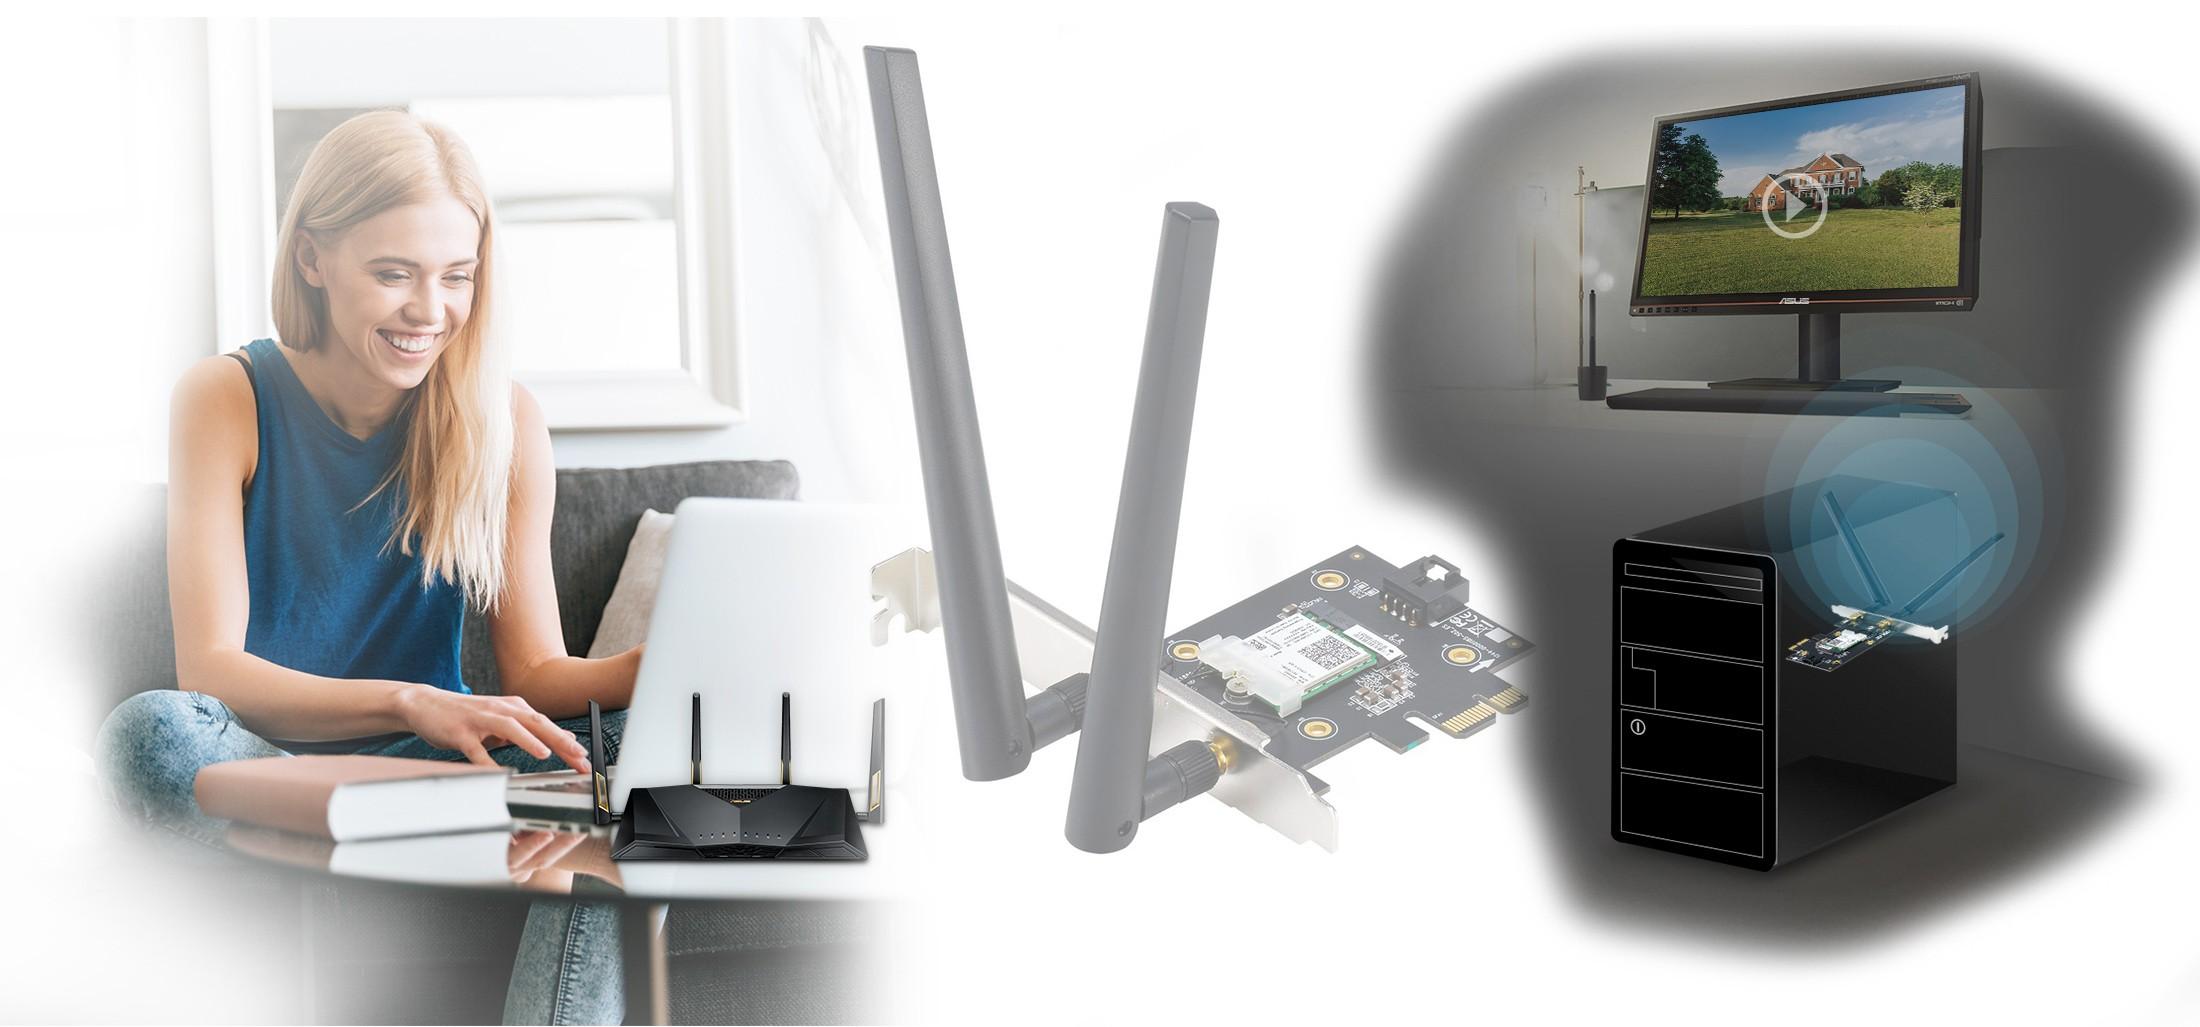 ASUS PCE-AX3000 kết hợp công nghệ kết nối MU-MIMO